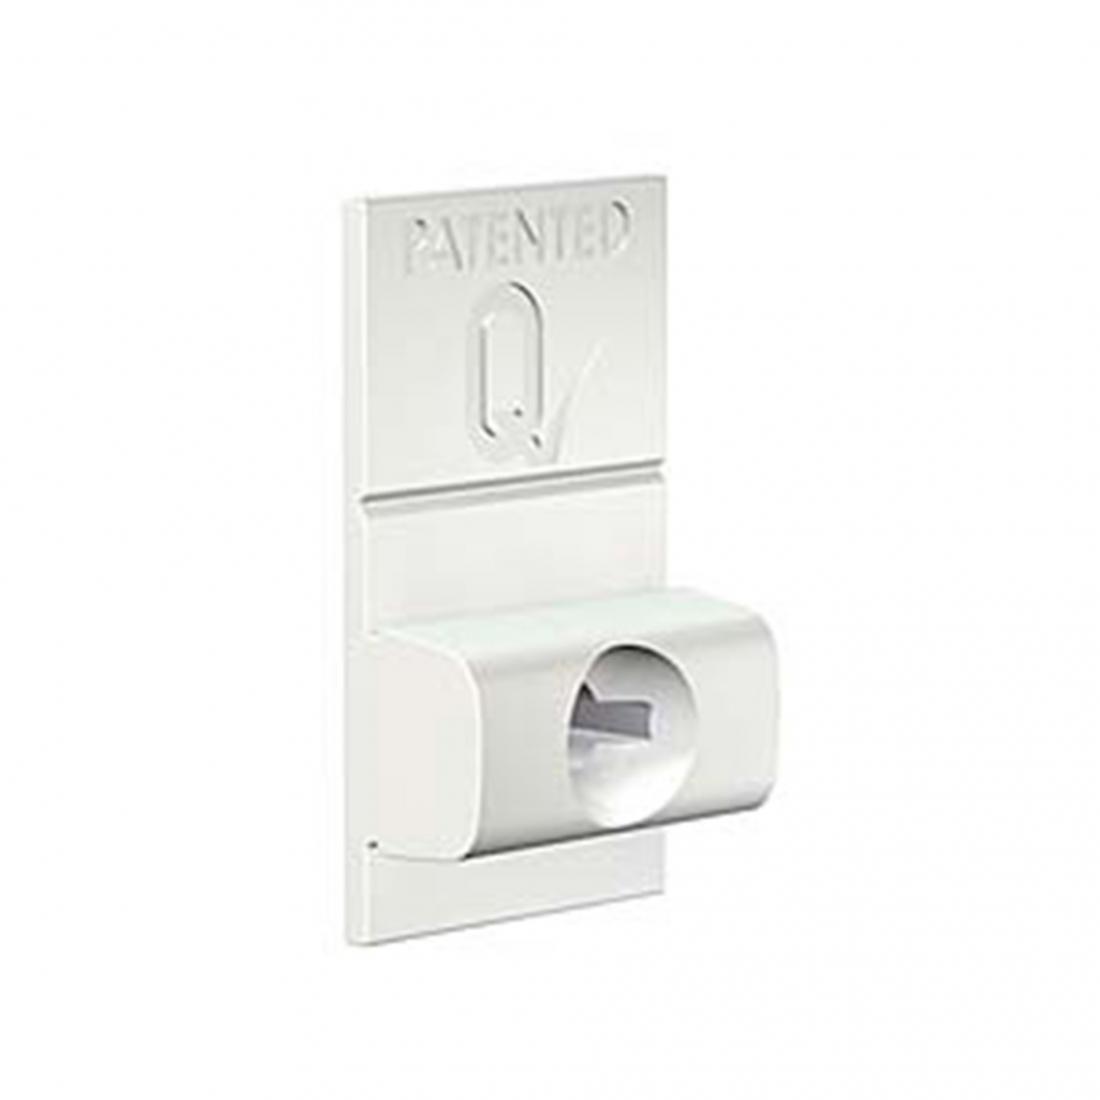 conector de pared para tira de perfil riel guia para colgar cuadros sin hacer agujeros, pro 50 kg de artiteq